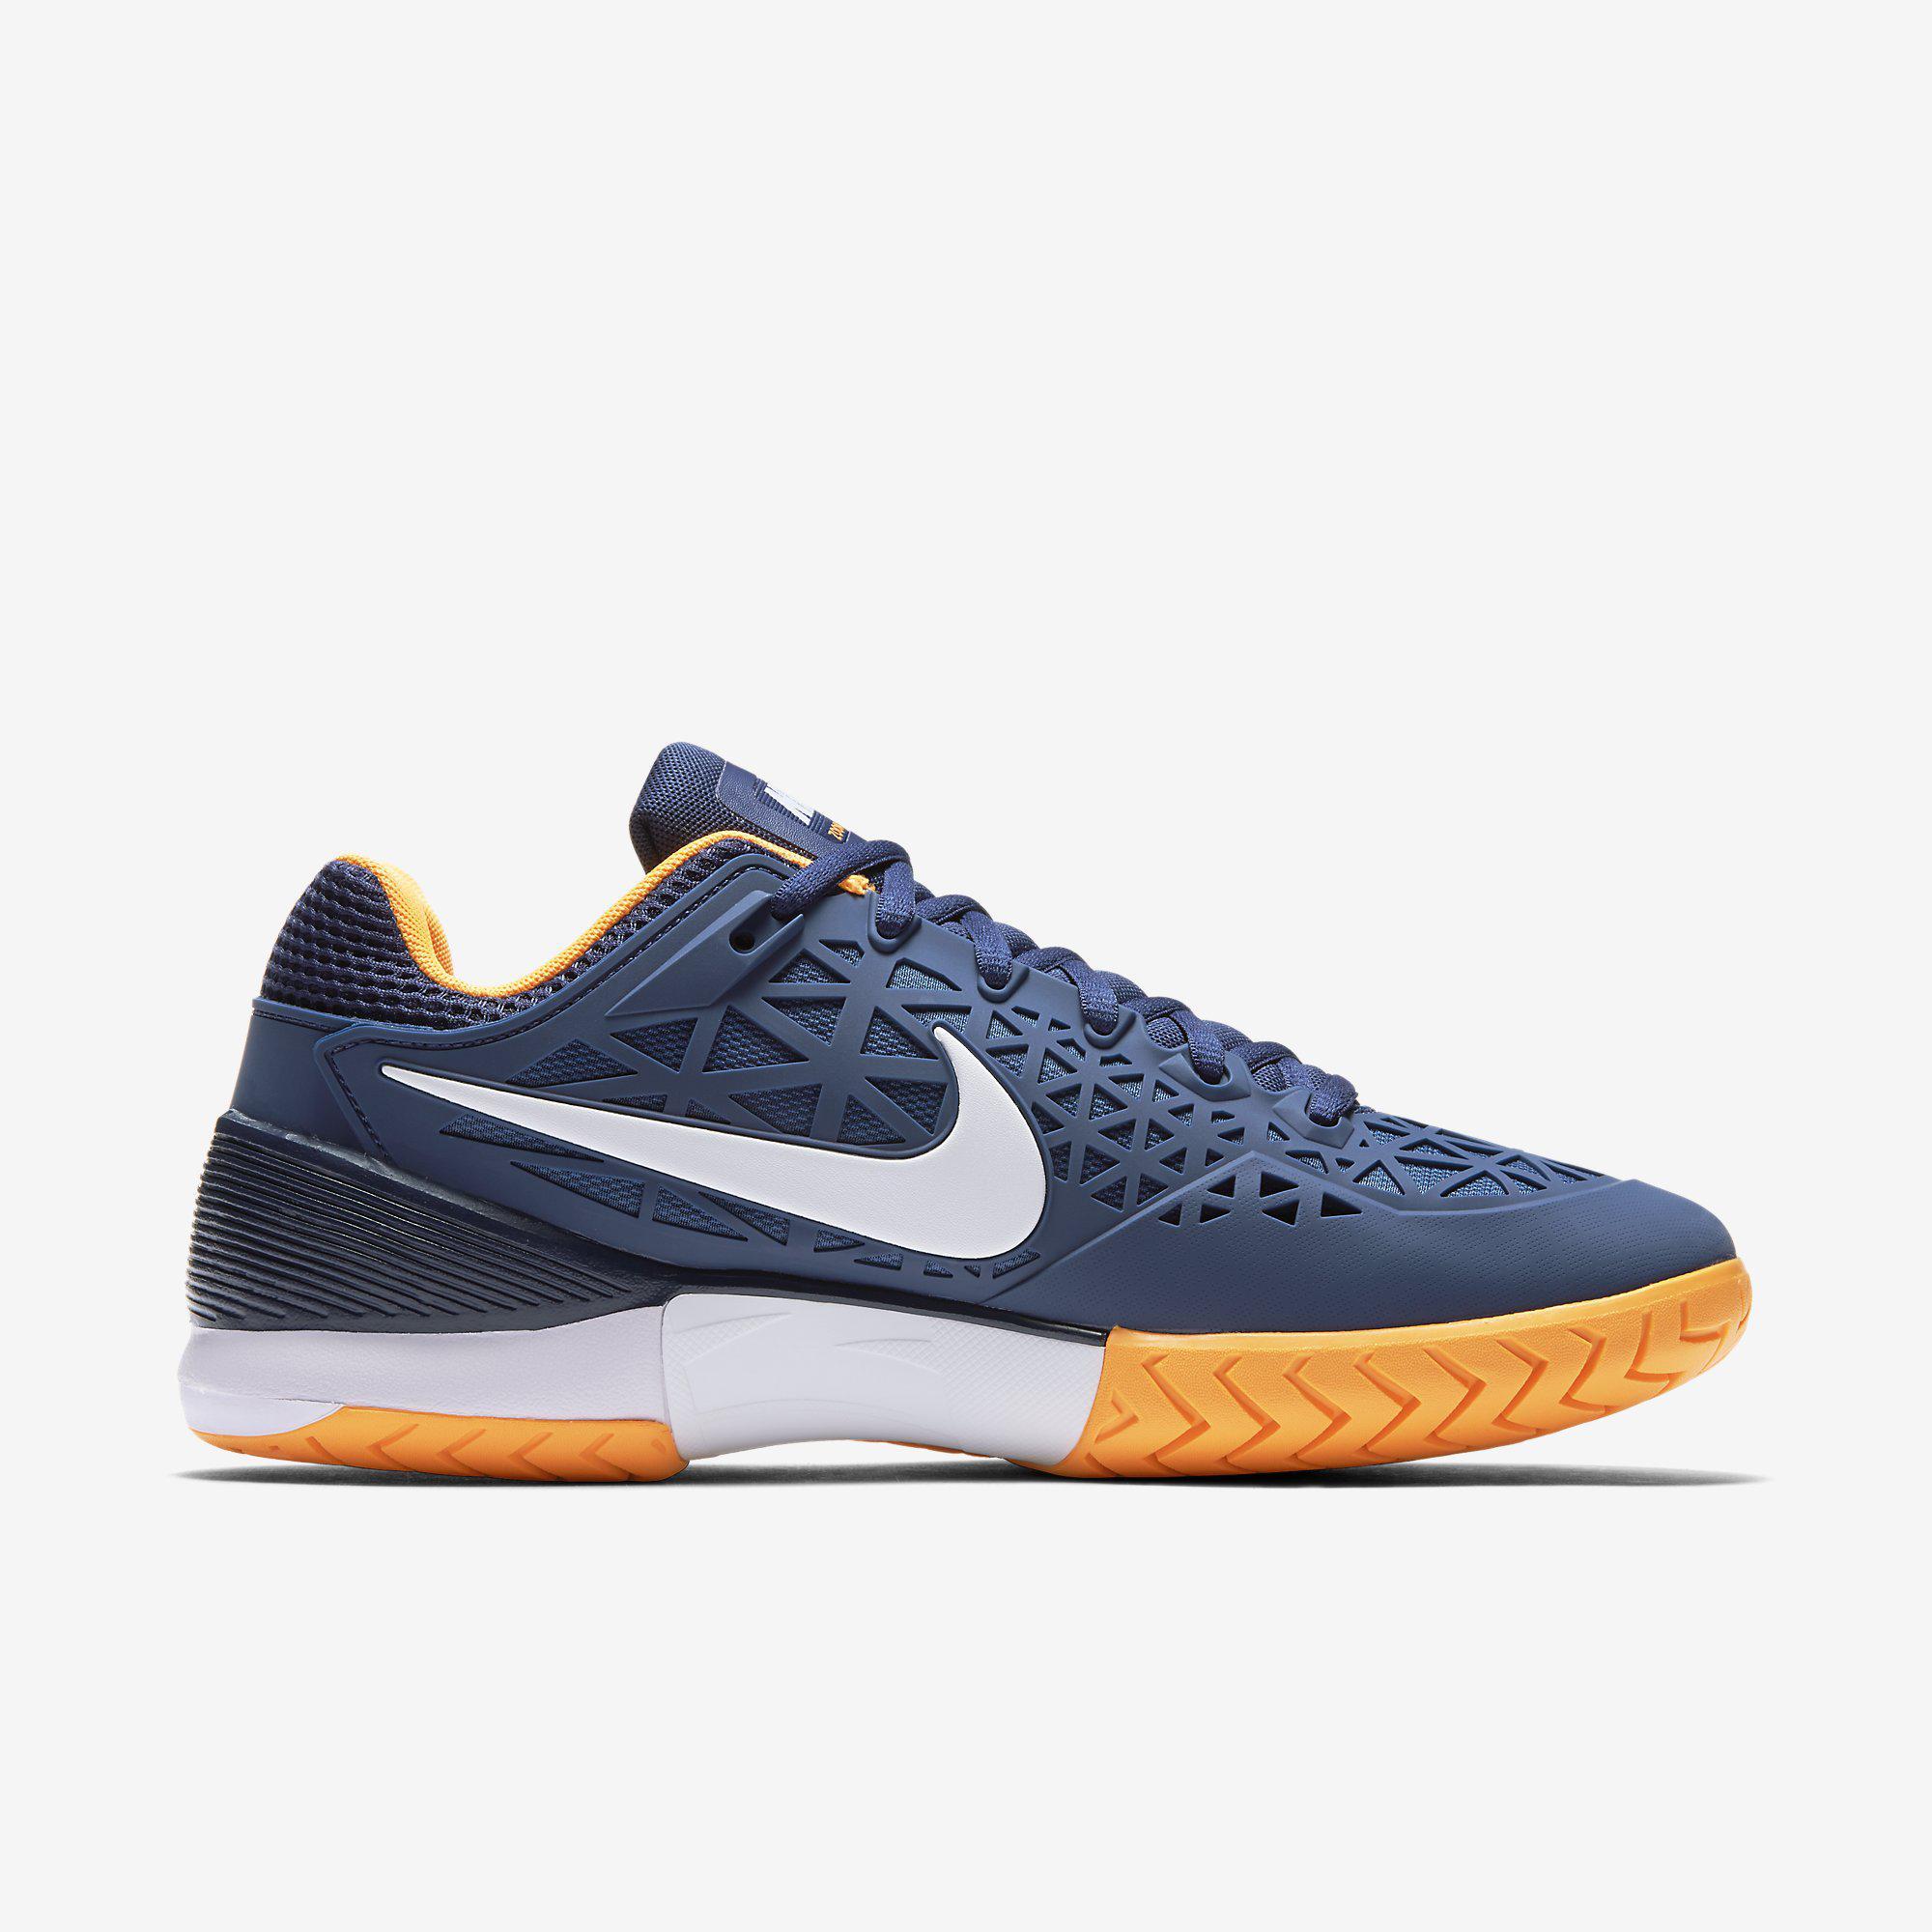 official photos e0a2c 811c6 Nike Mens Zoom Cage 2 Tennis Shoes - Blue Citrus